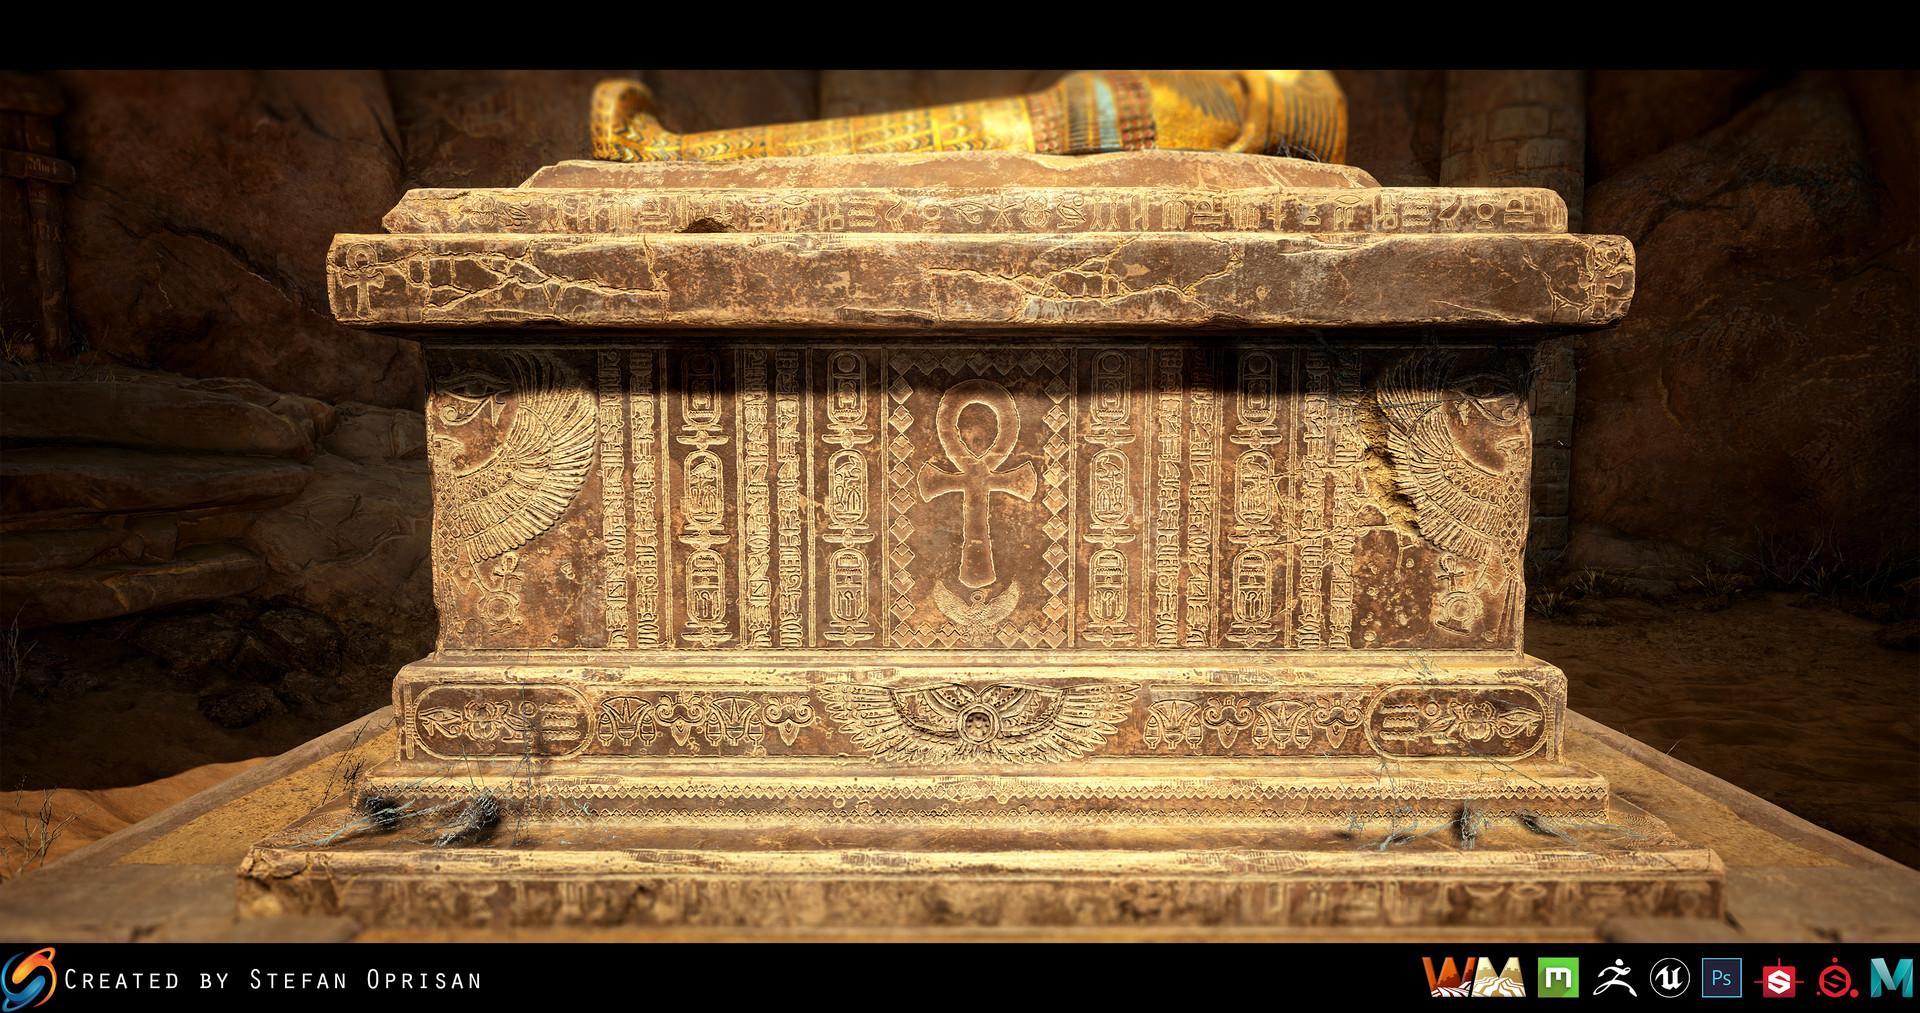 Stefan oprisan sarcophagus 2